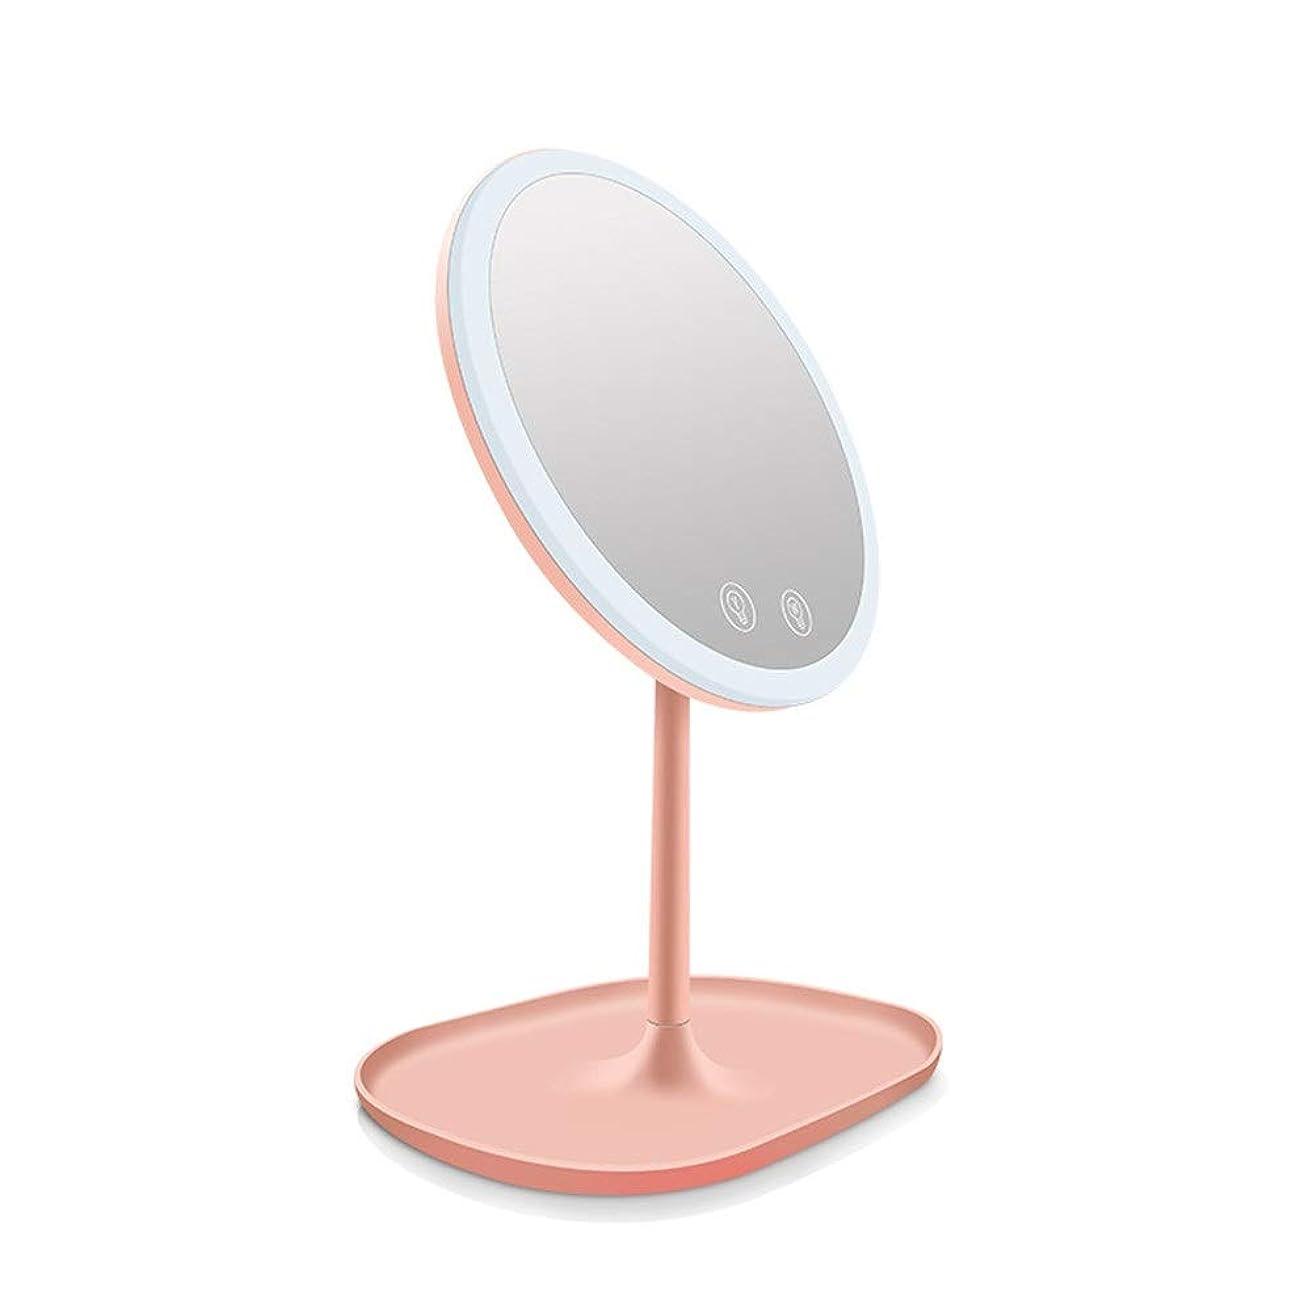 ラジエーター入り口ハード化粧鏡 10倍の倍率ミラー回転卓上化粧鏡照明付き化粧鏡充電式タッチコントロール調節可能なLEDライトバニティミラー 収納しやすい (色 : ピンク, サイズ : ワンサイズ)